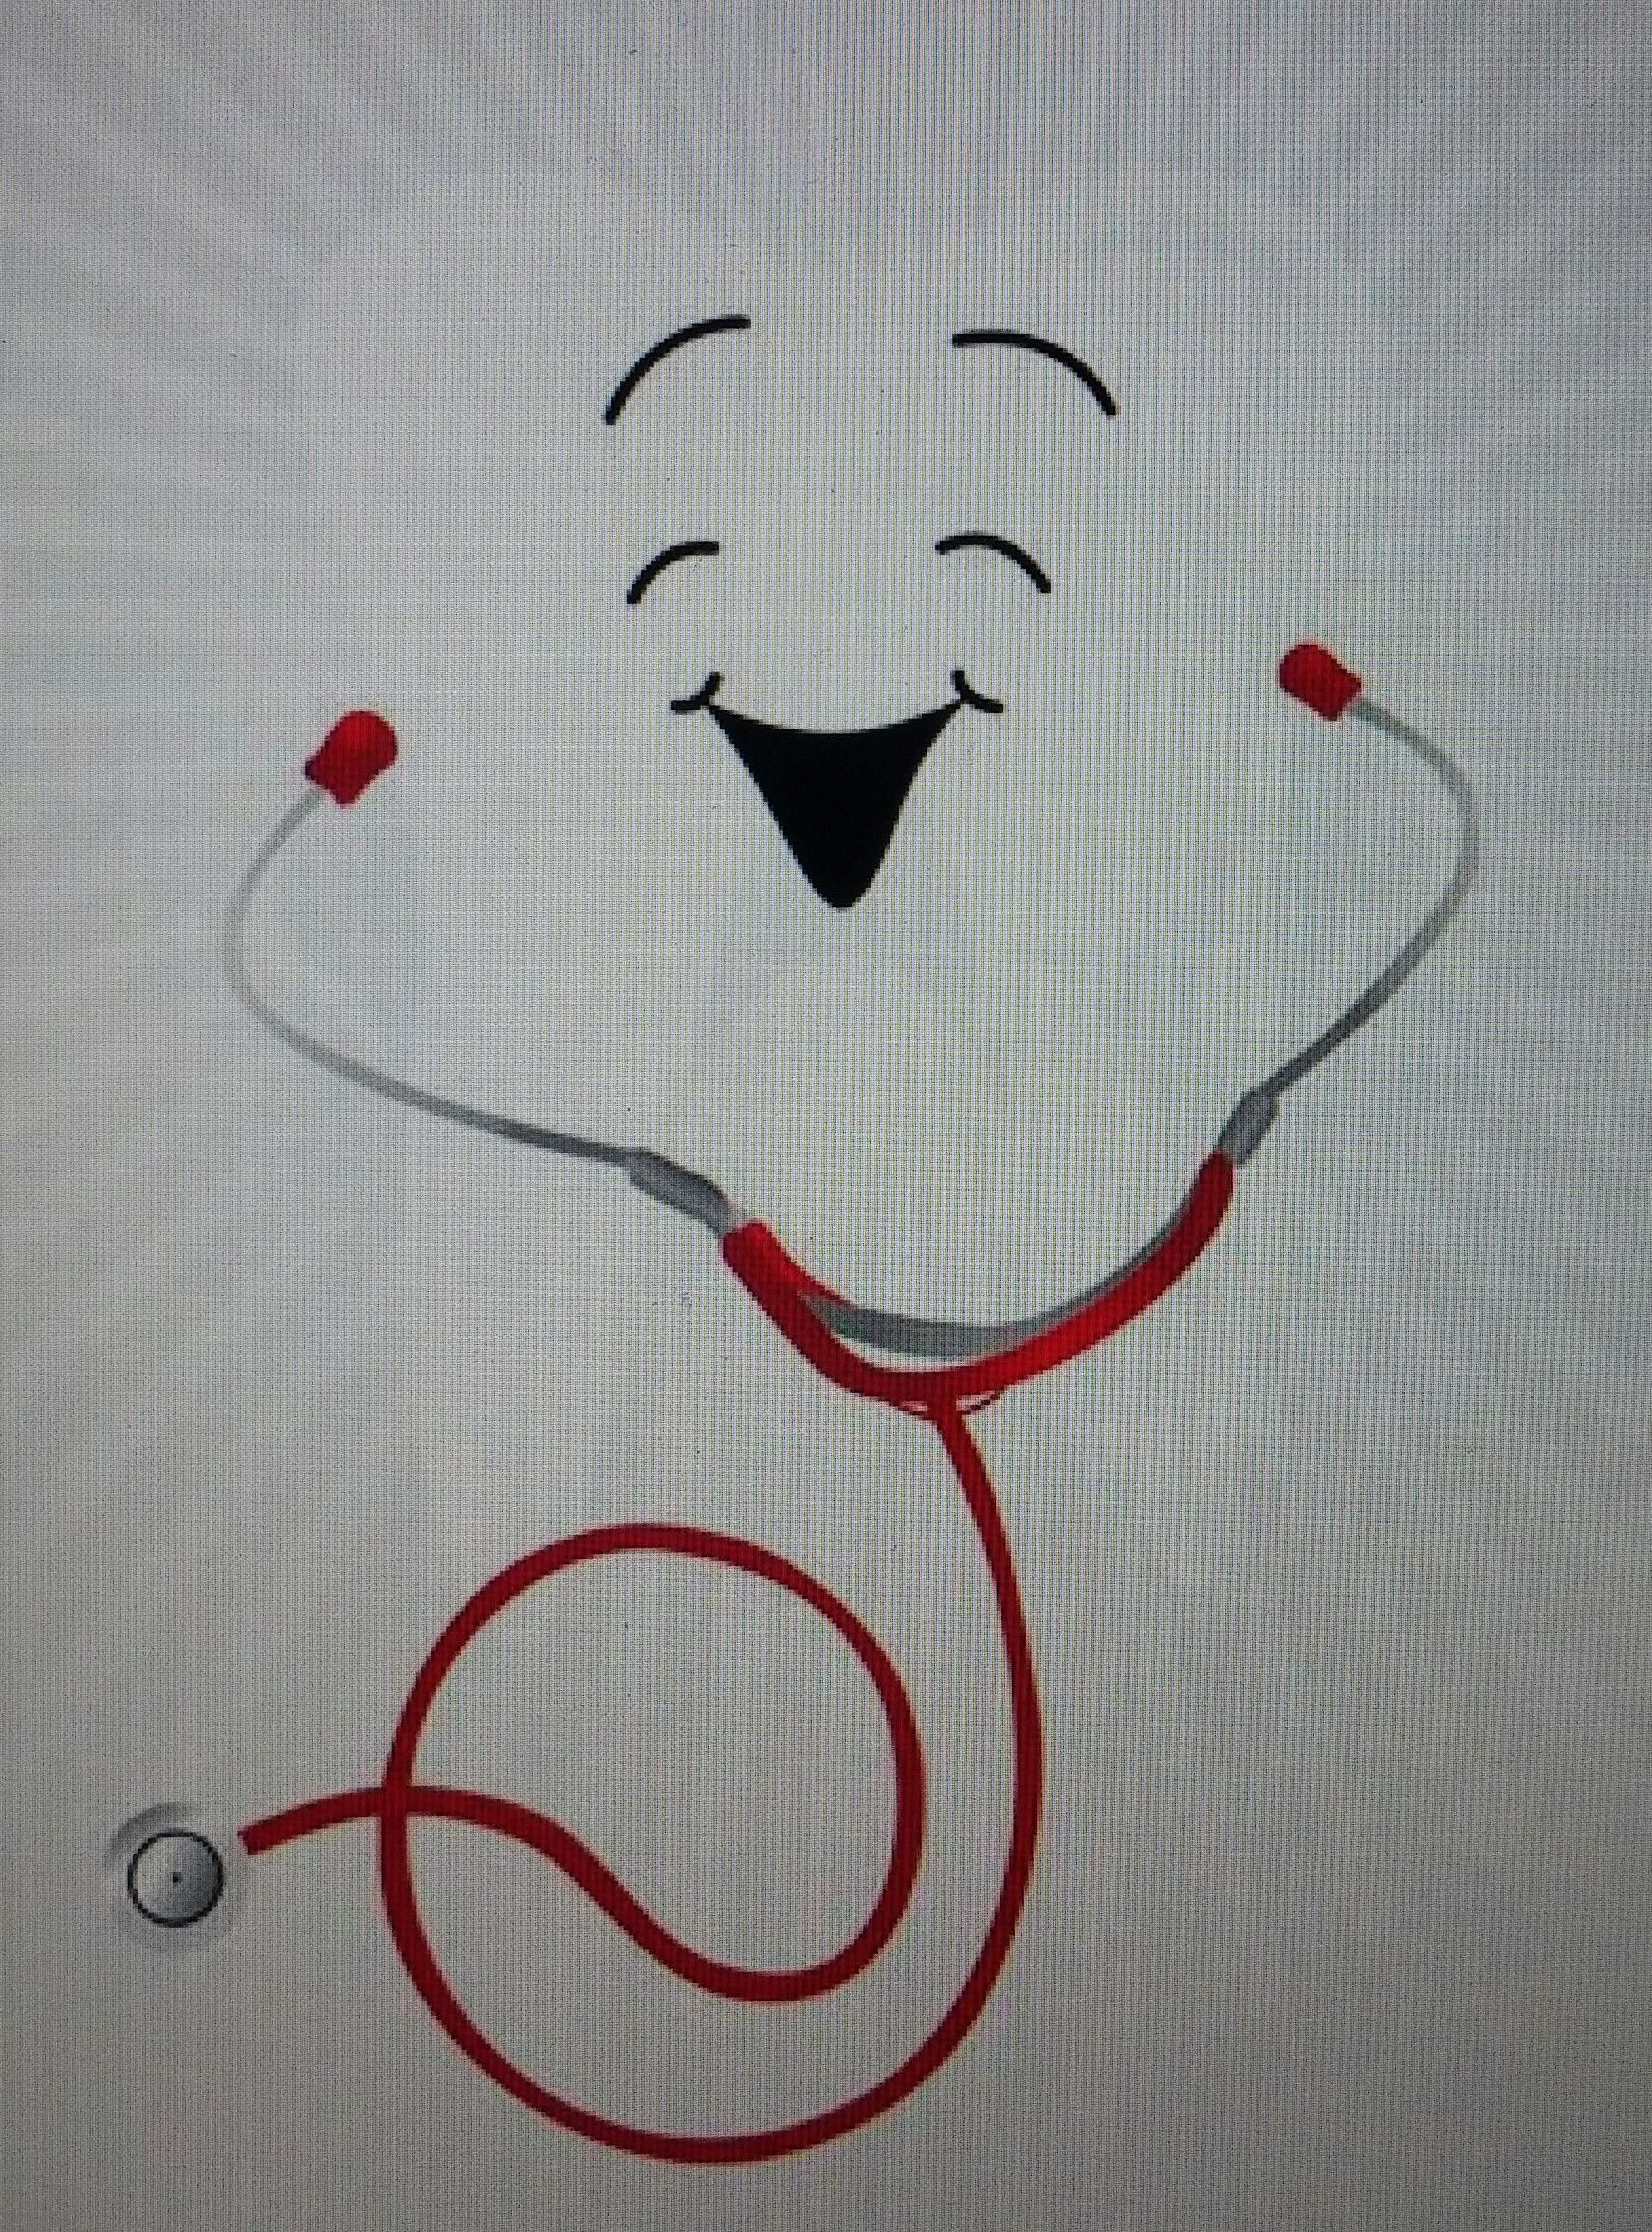 Nos encargamos de tu salud dental, visítanos!